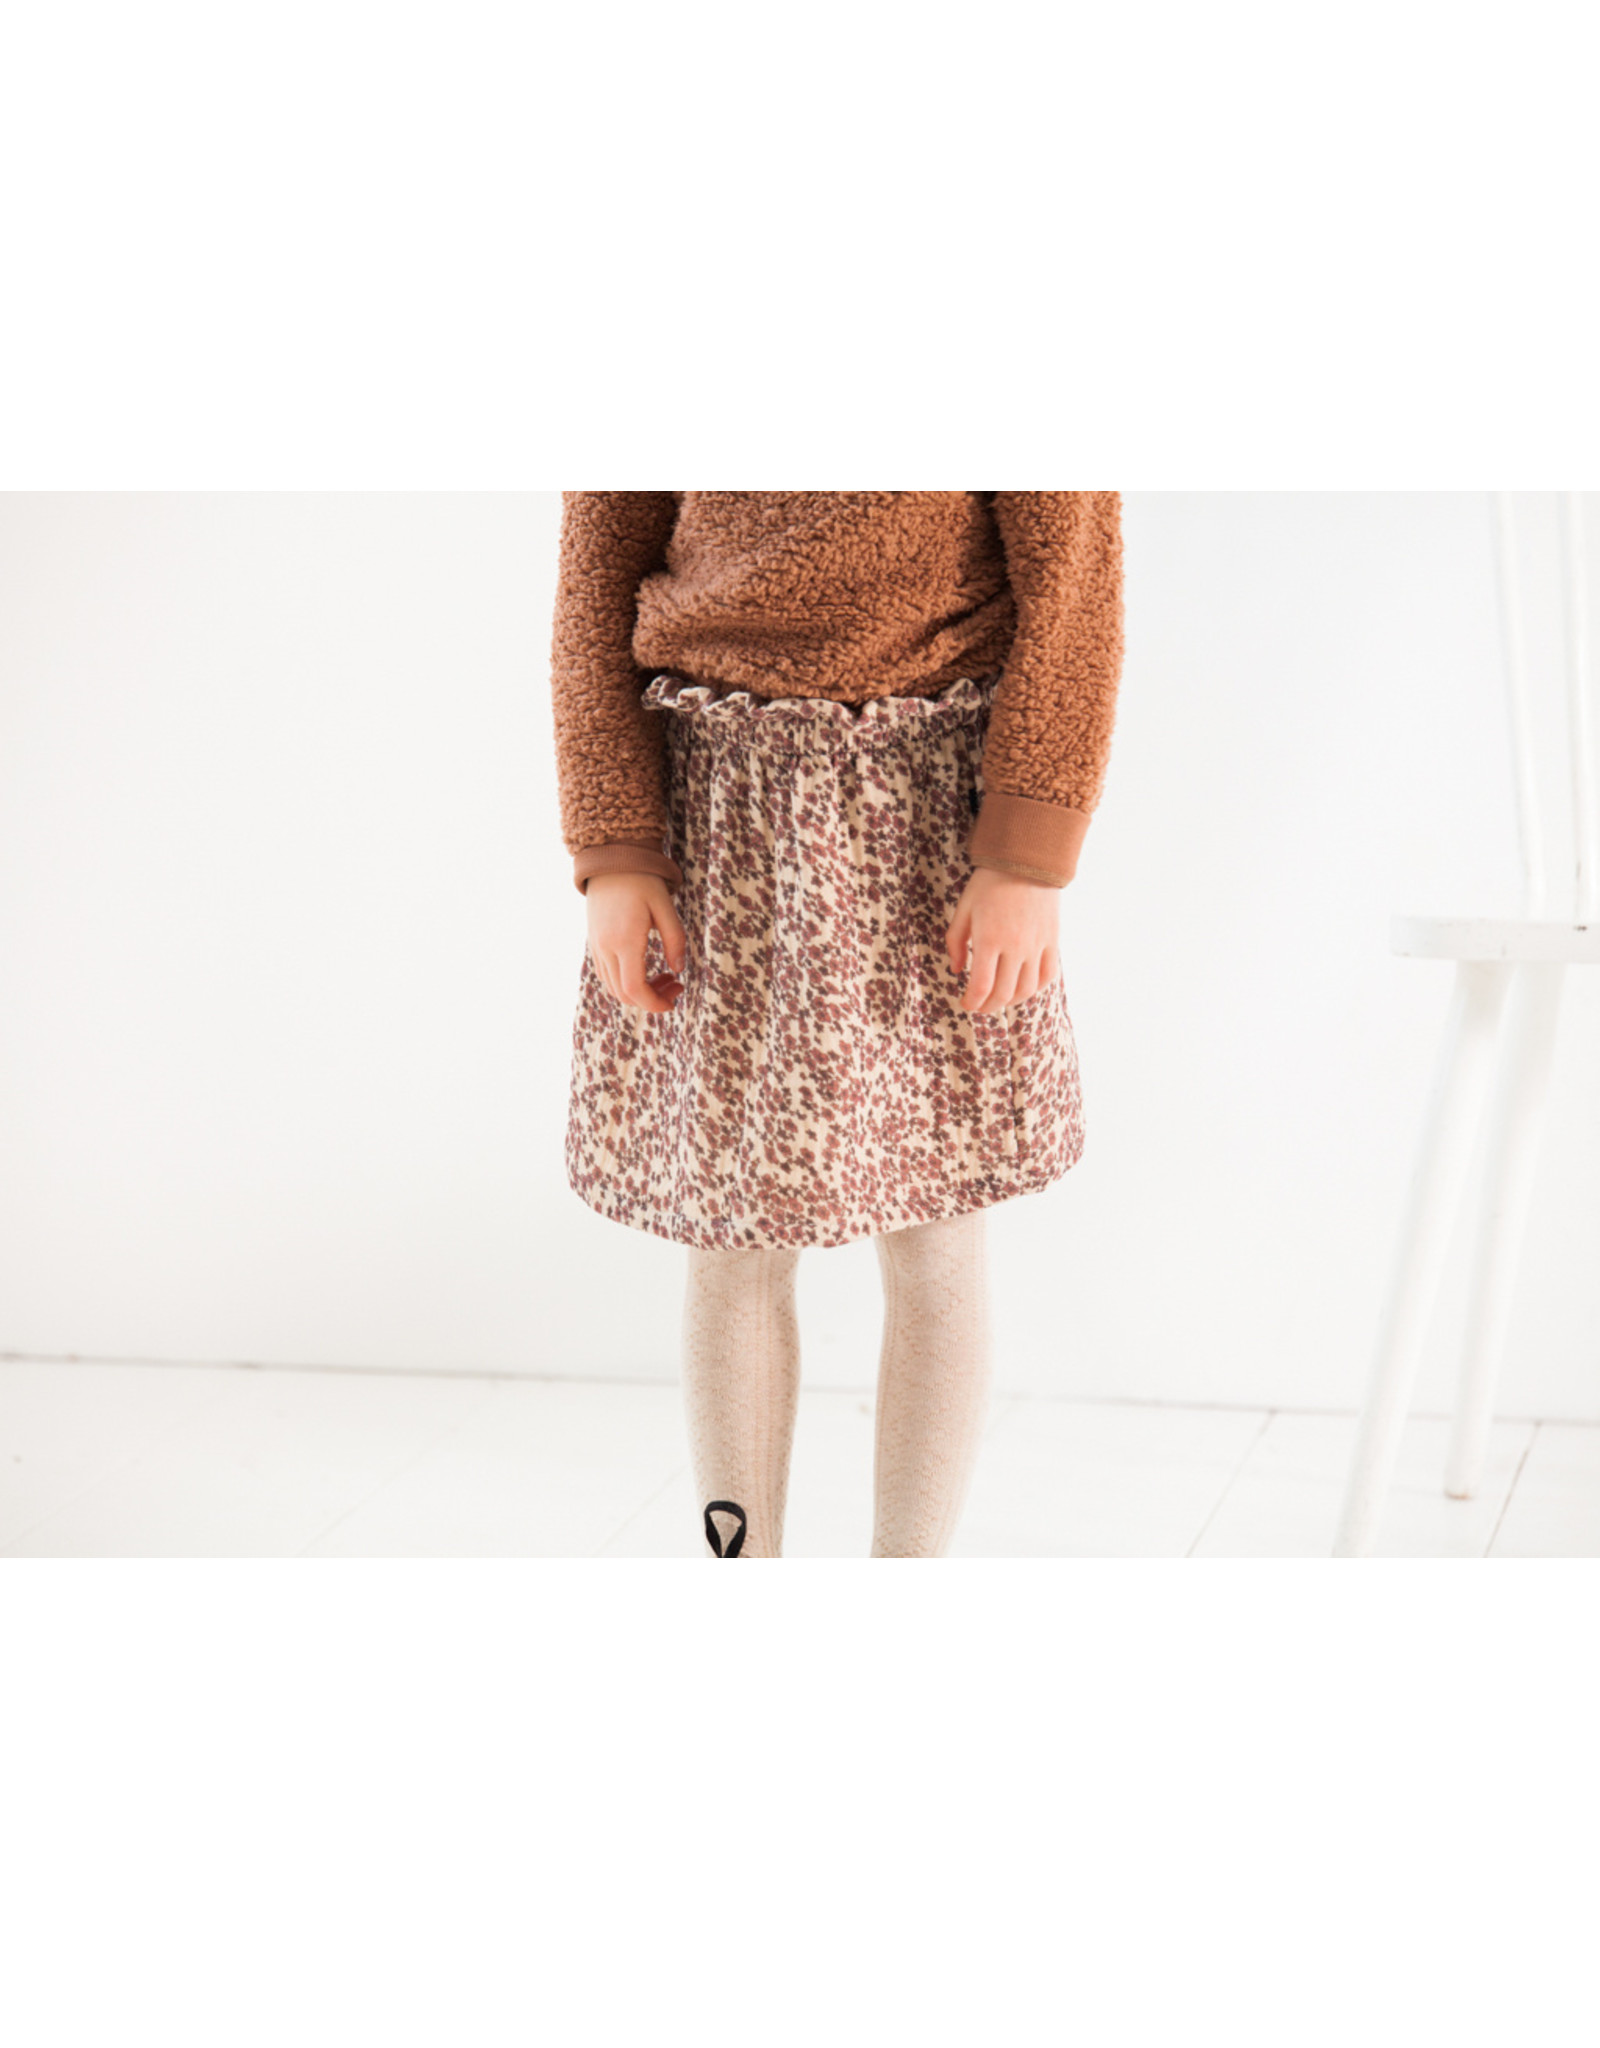 House of Jamie HOJ Summer Paperbag Skirt Rose Dawn Blossom